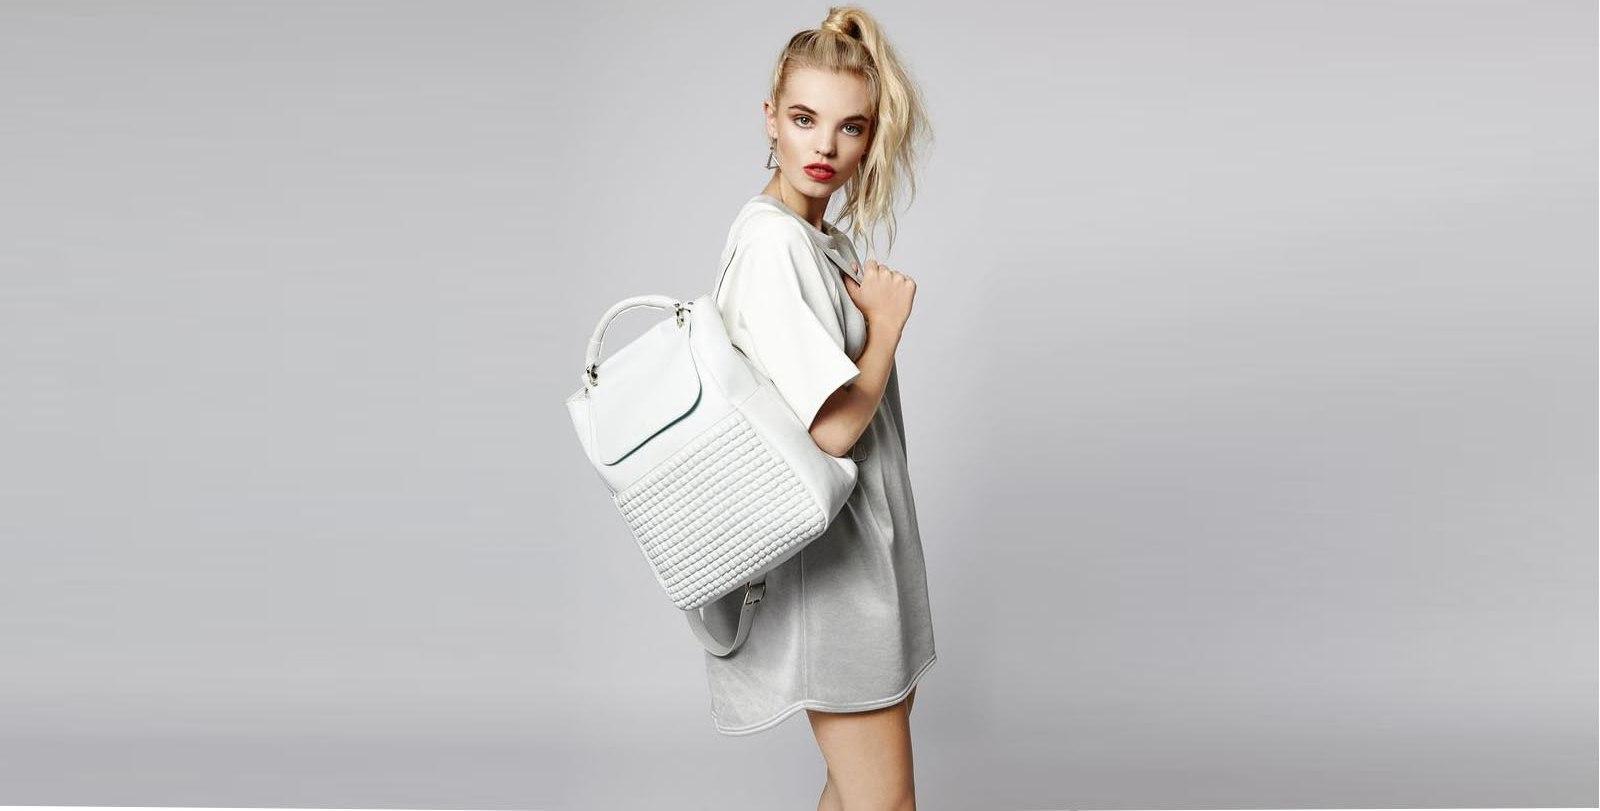 vykrojka-i-poshiv-sumki-ryukzak-24 Выкройка сумки-рюкзака (50 фото): как сделать женскую модель трансформер своими руками и как сшить для ребенка